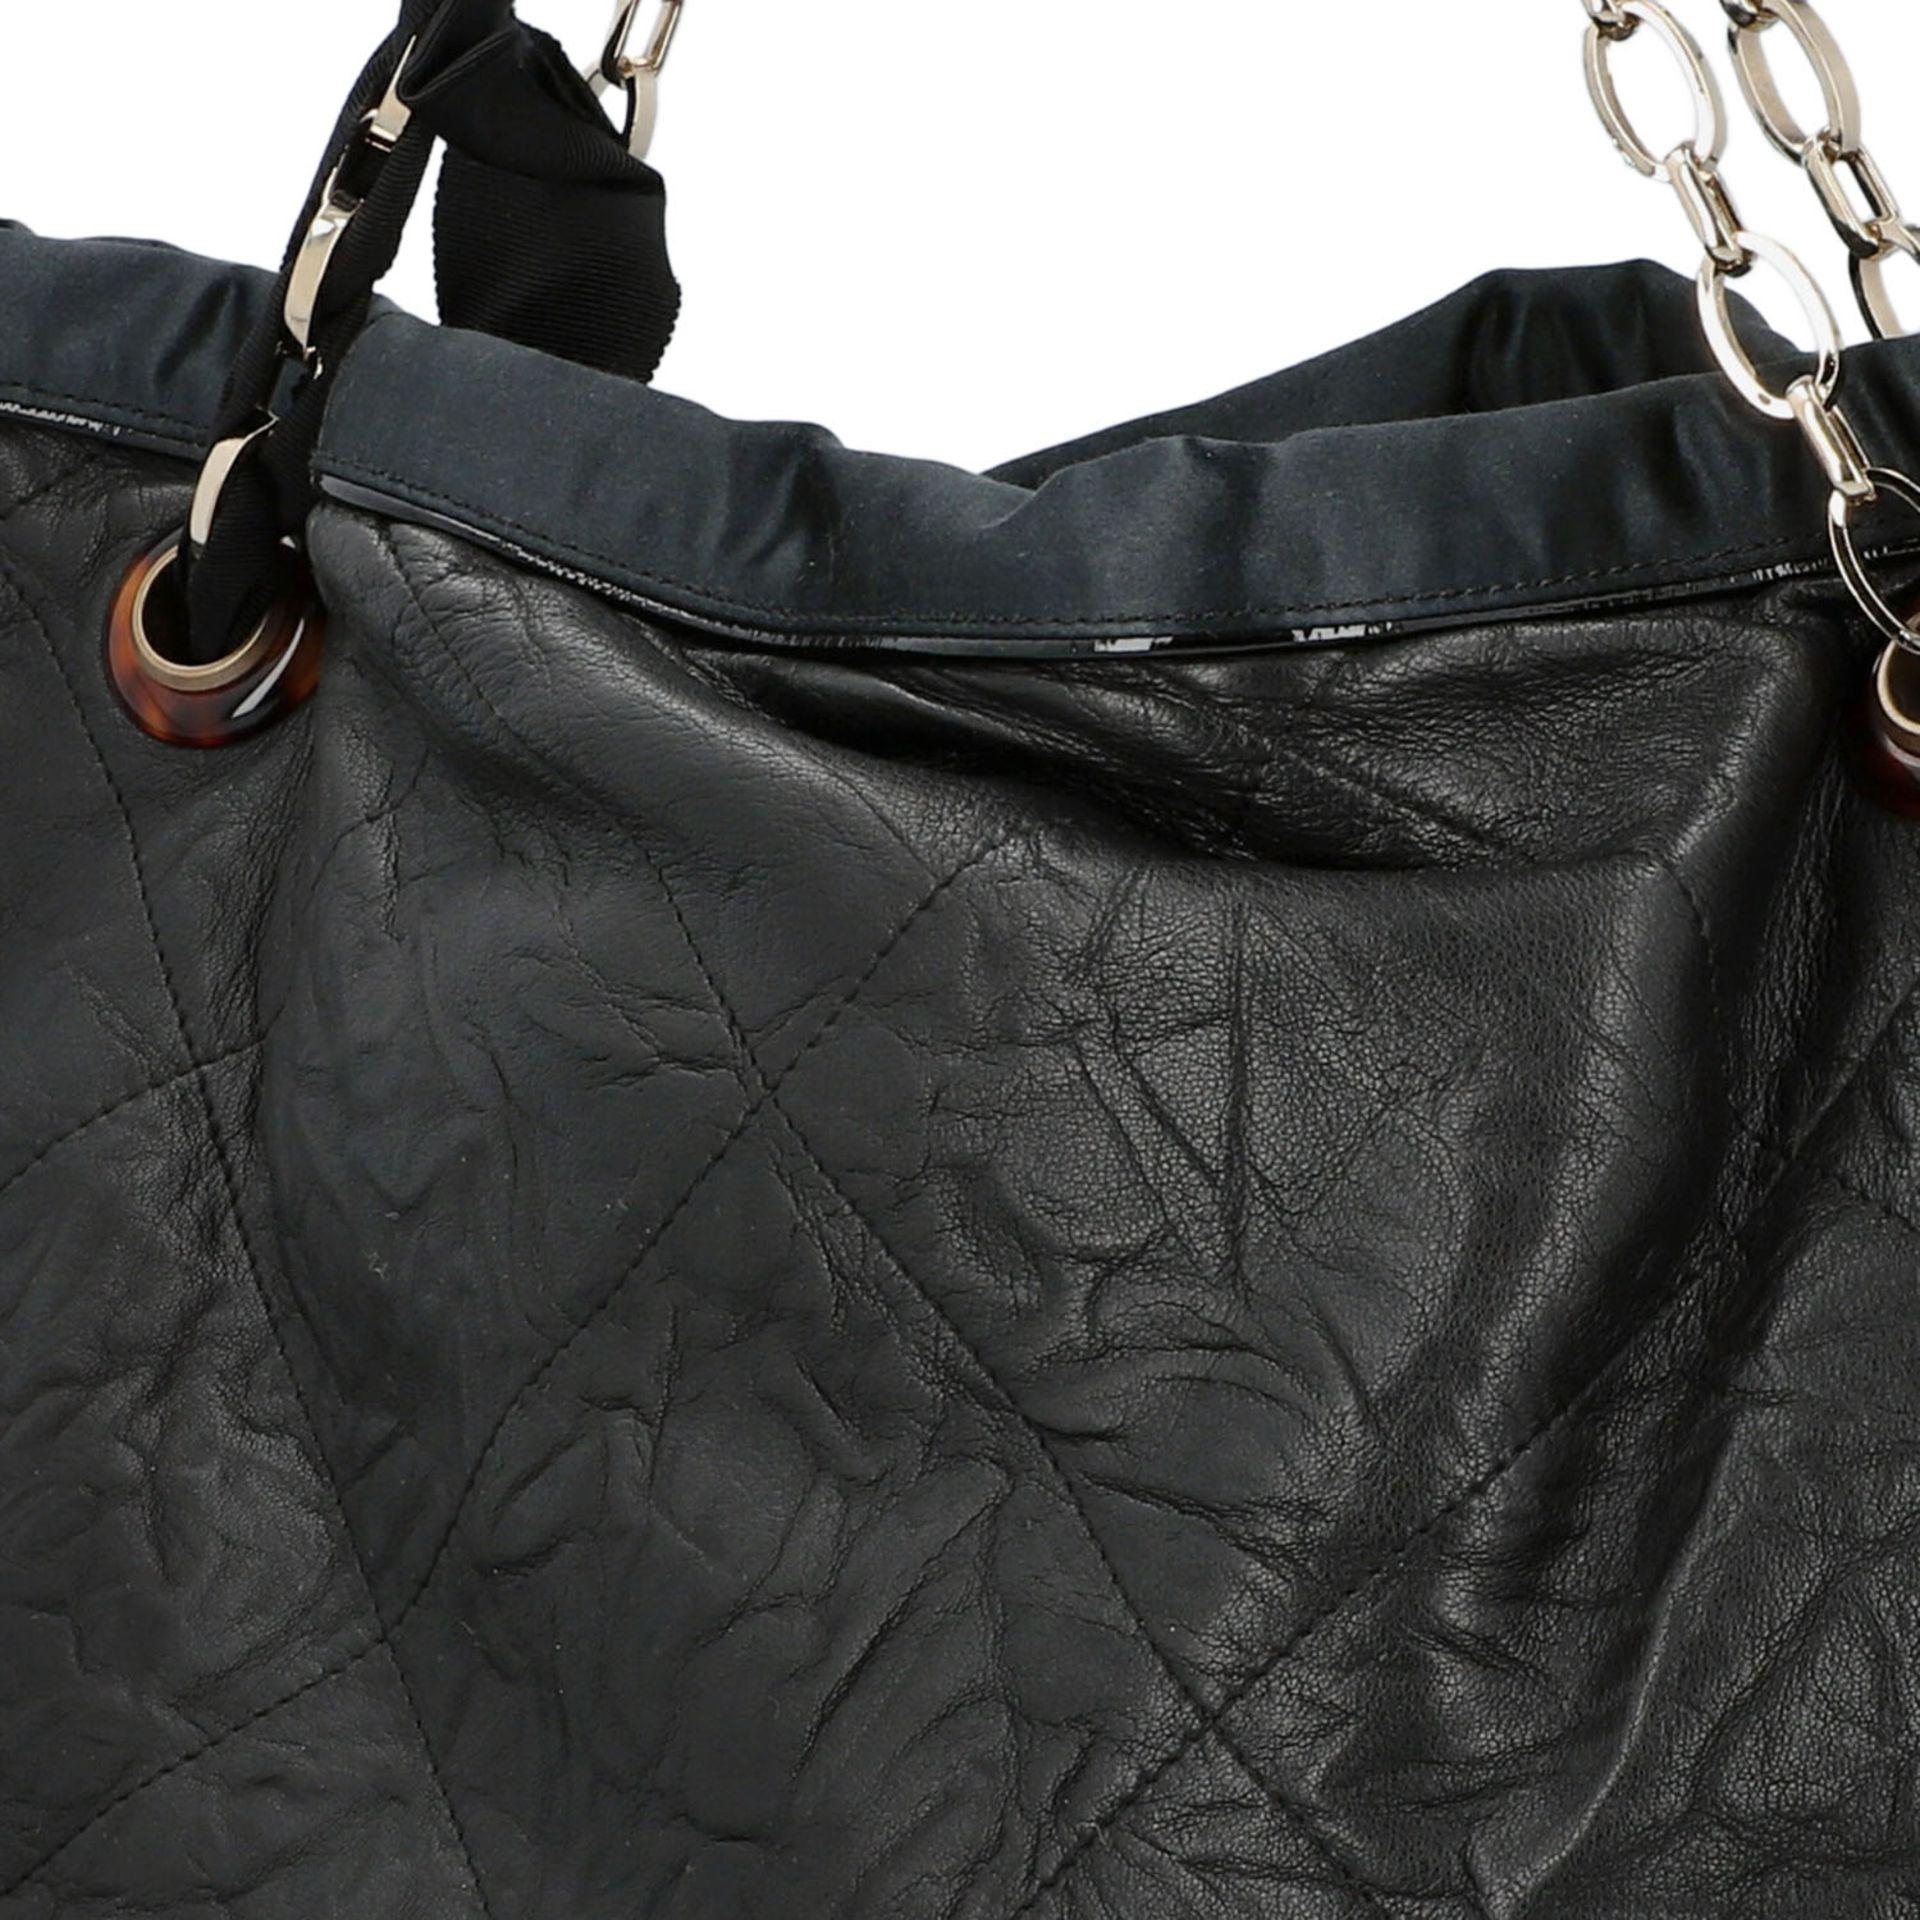 LANVIN Shoppertasche. Softes Leder in Schwarz mit Rautensteppung und dekorativen Trage - Image 7 of 8